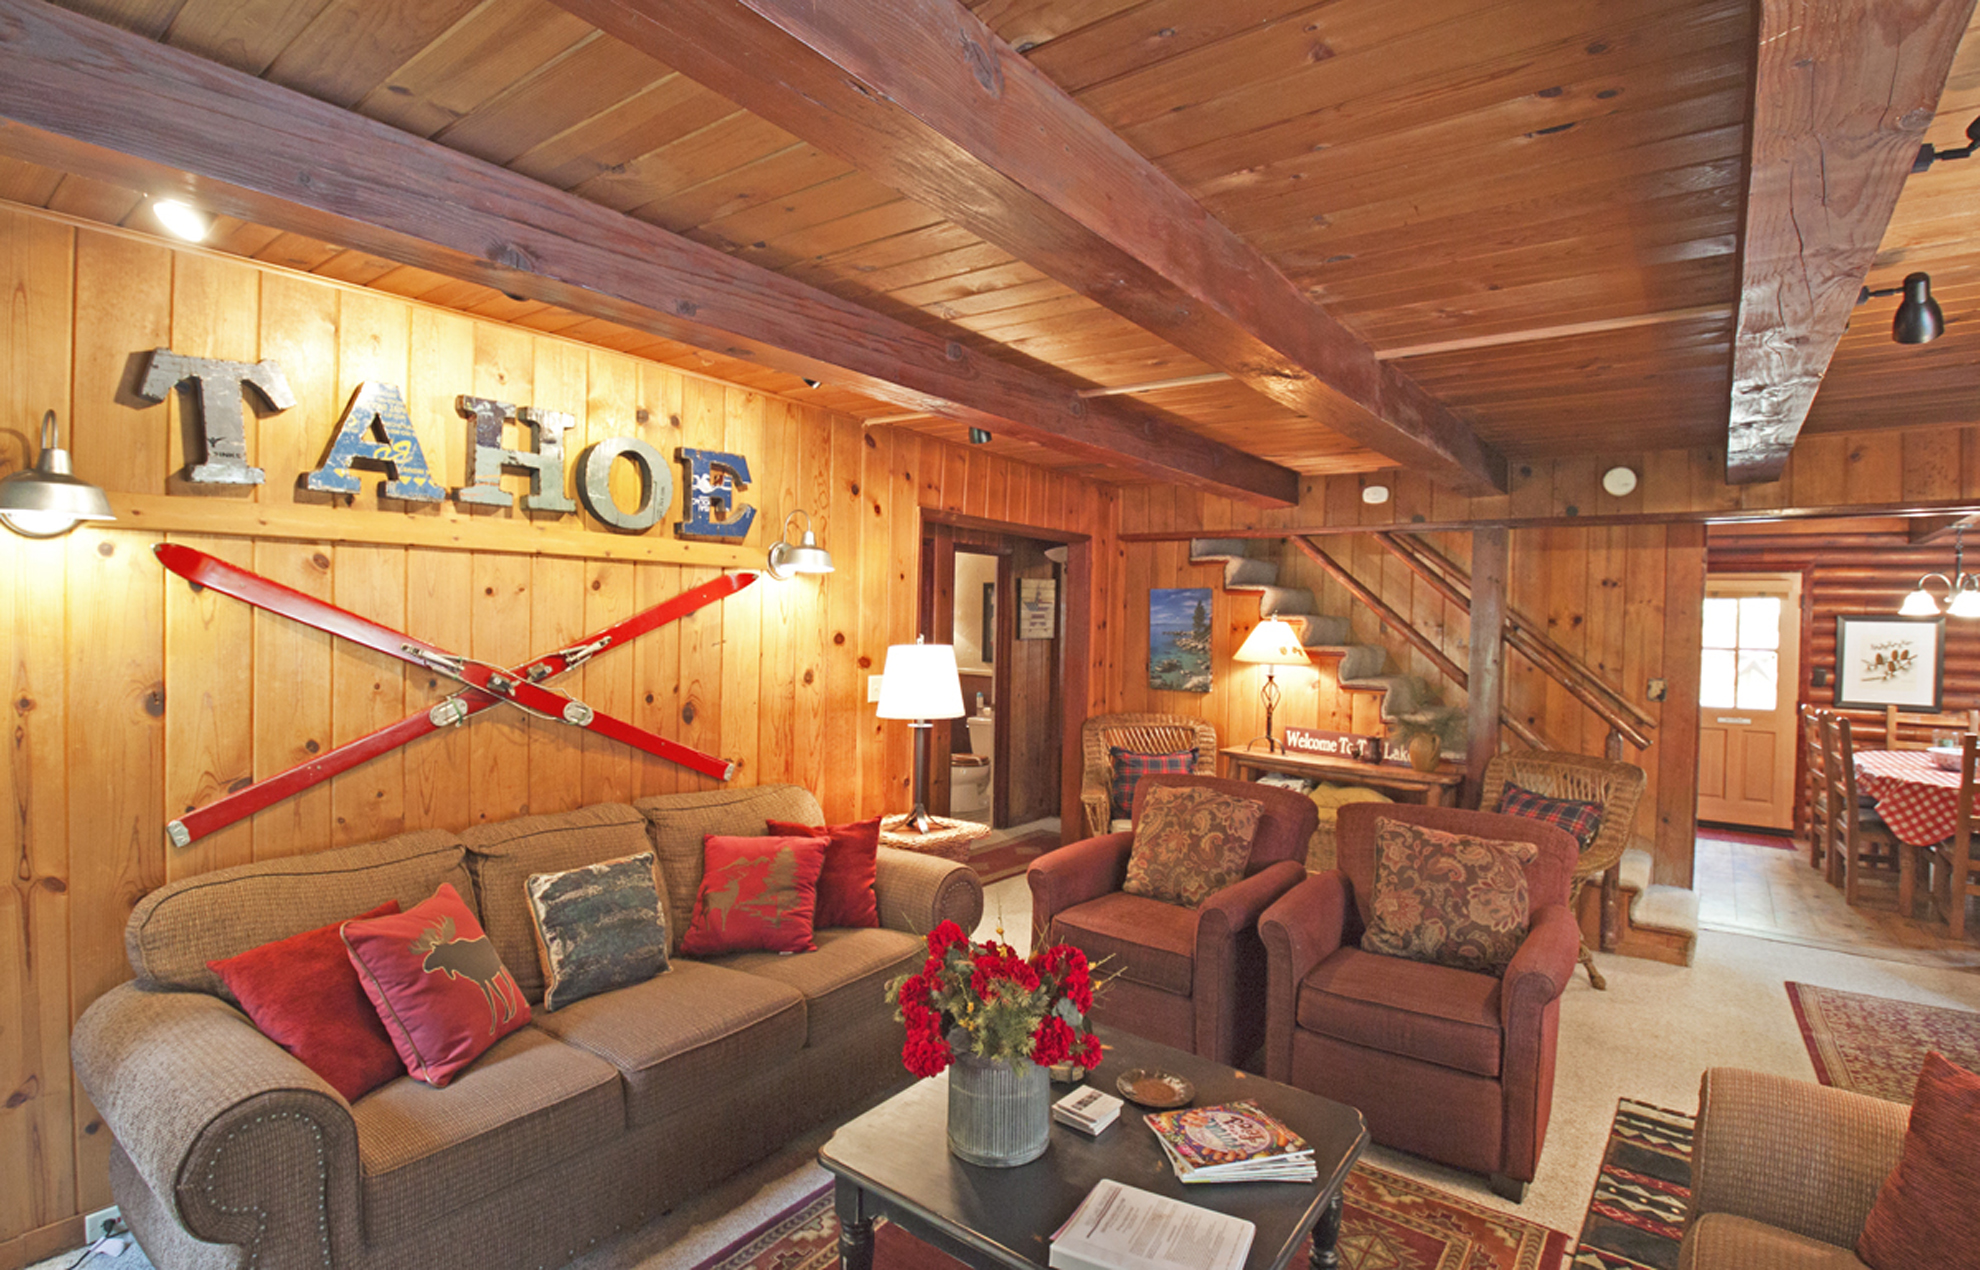 Listing Image 3 for Karley's Lake Lodge